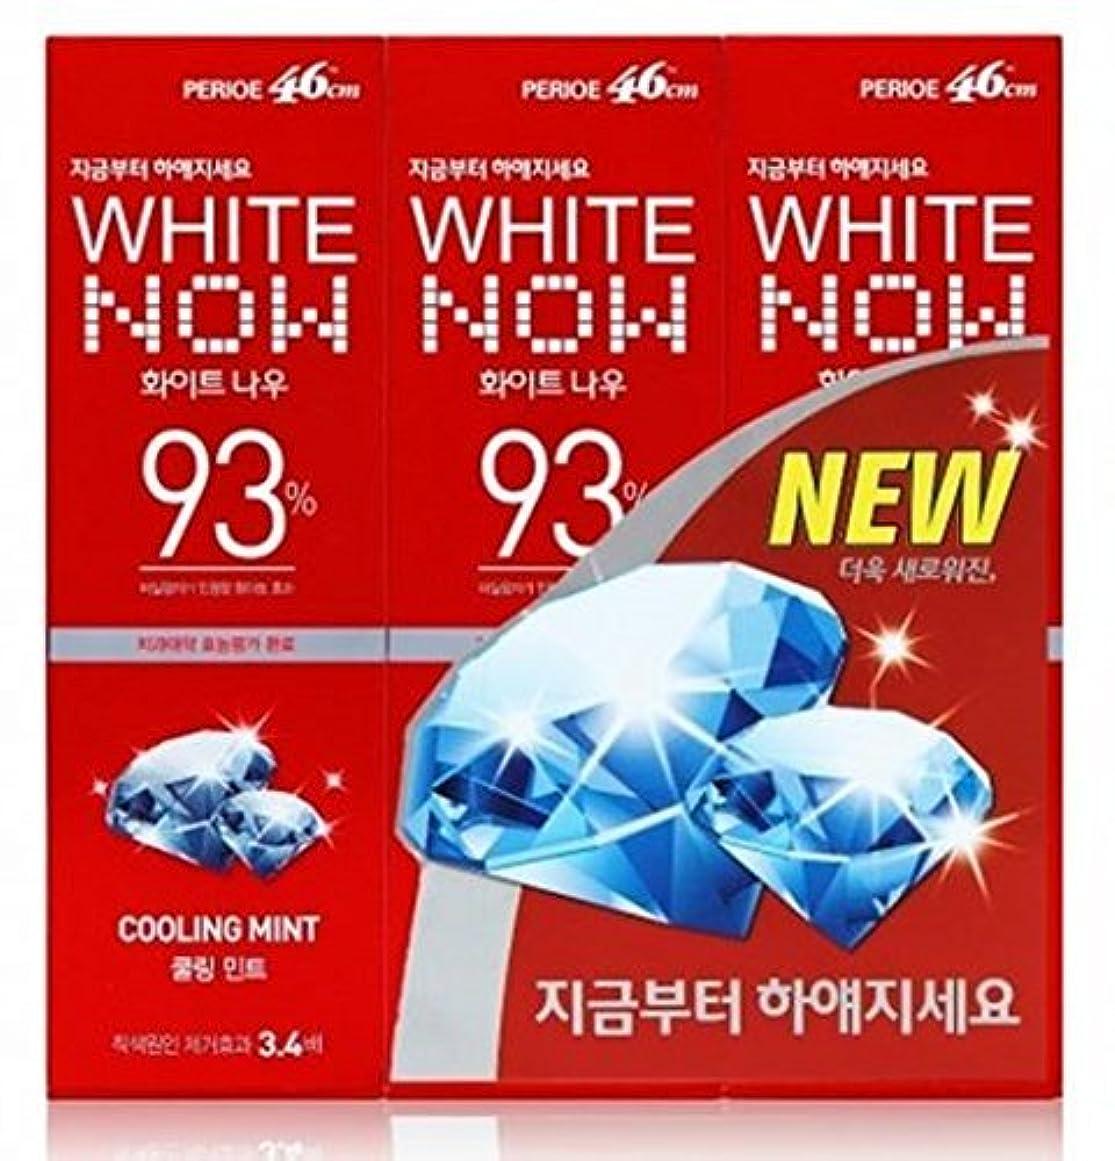 カートン紳士気取りの、きざなおしゃれじゃないLg Perioe 46cm Toothpaste Oral Care White Now 93% Cooling Mint 100g X 3 by perioe